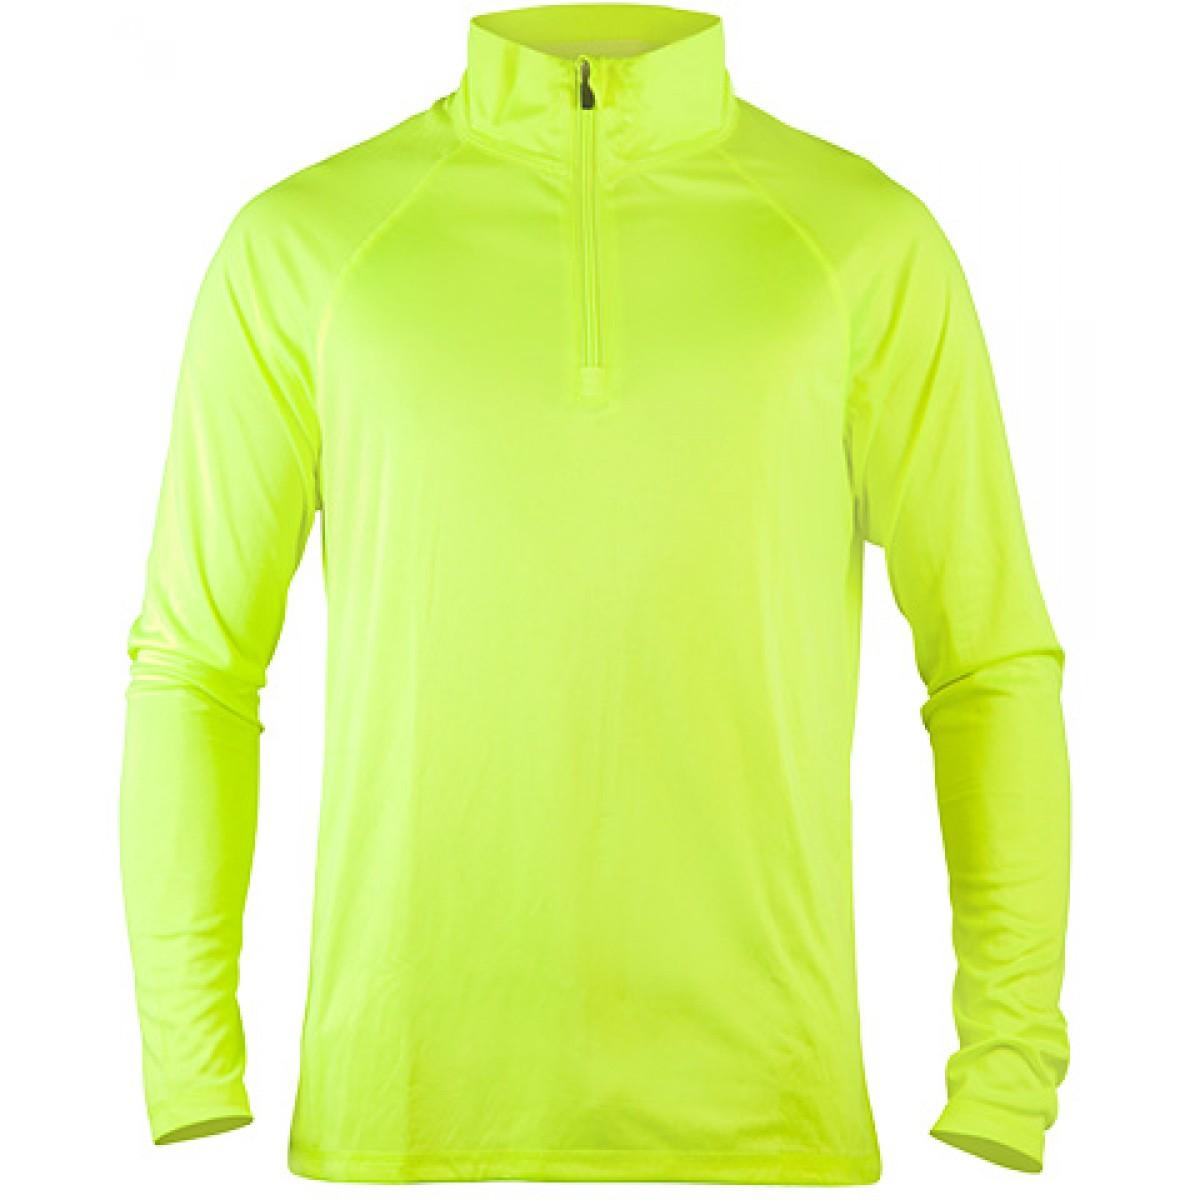 Men's Quarter-Zip Lightweight Pullover-Neon Green-2XL